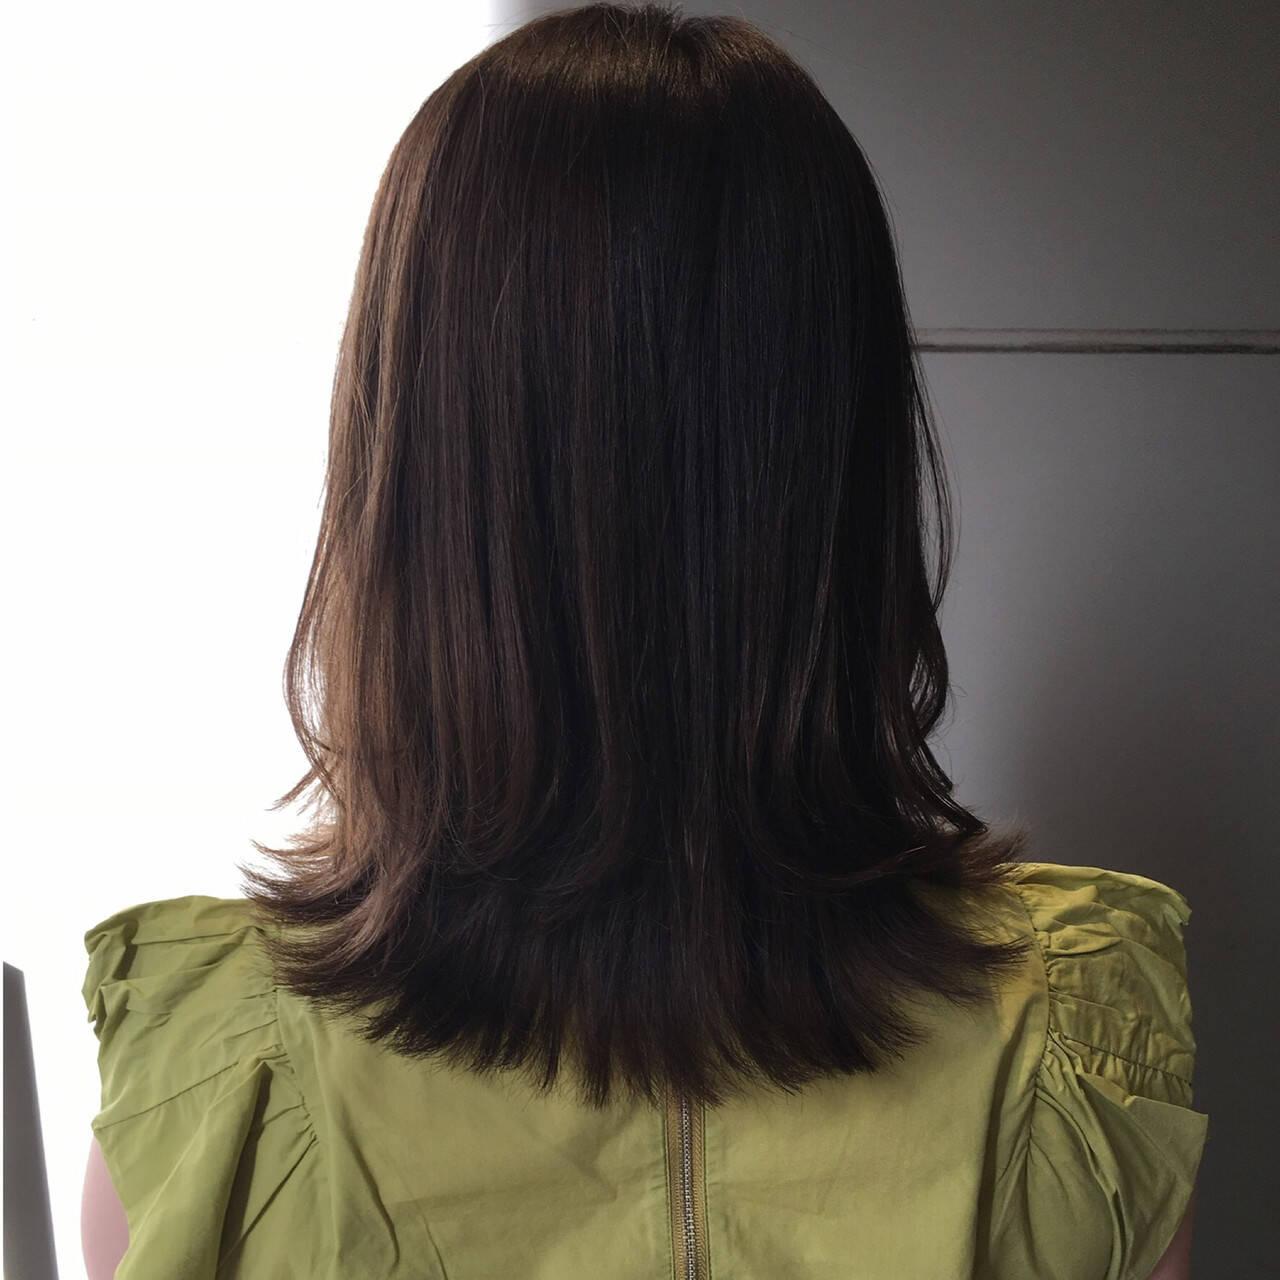 ミントアッシュ ロブ オリーブアッシュ オリーブグレージュヘアスタイルや髪型の写真・画像